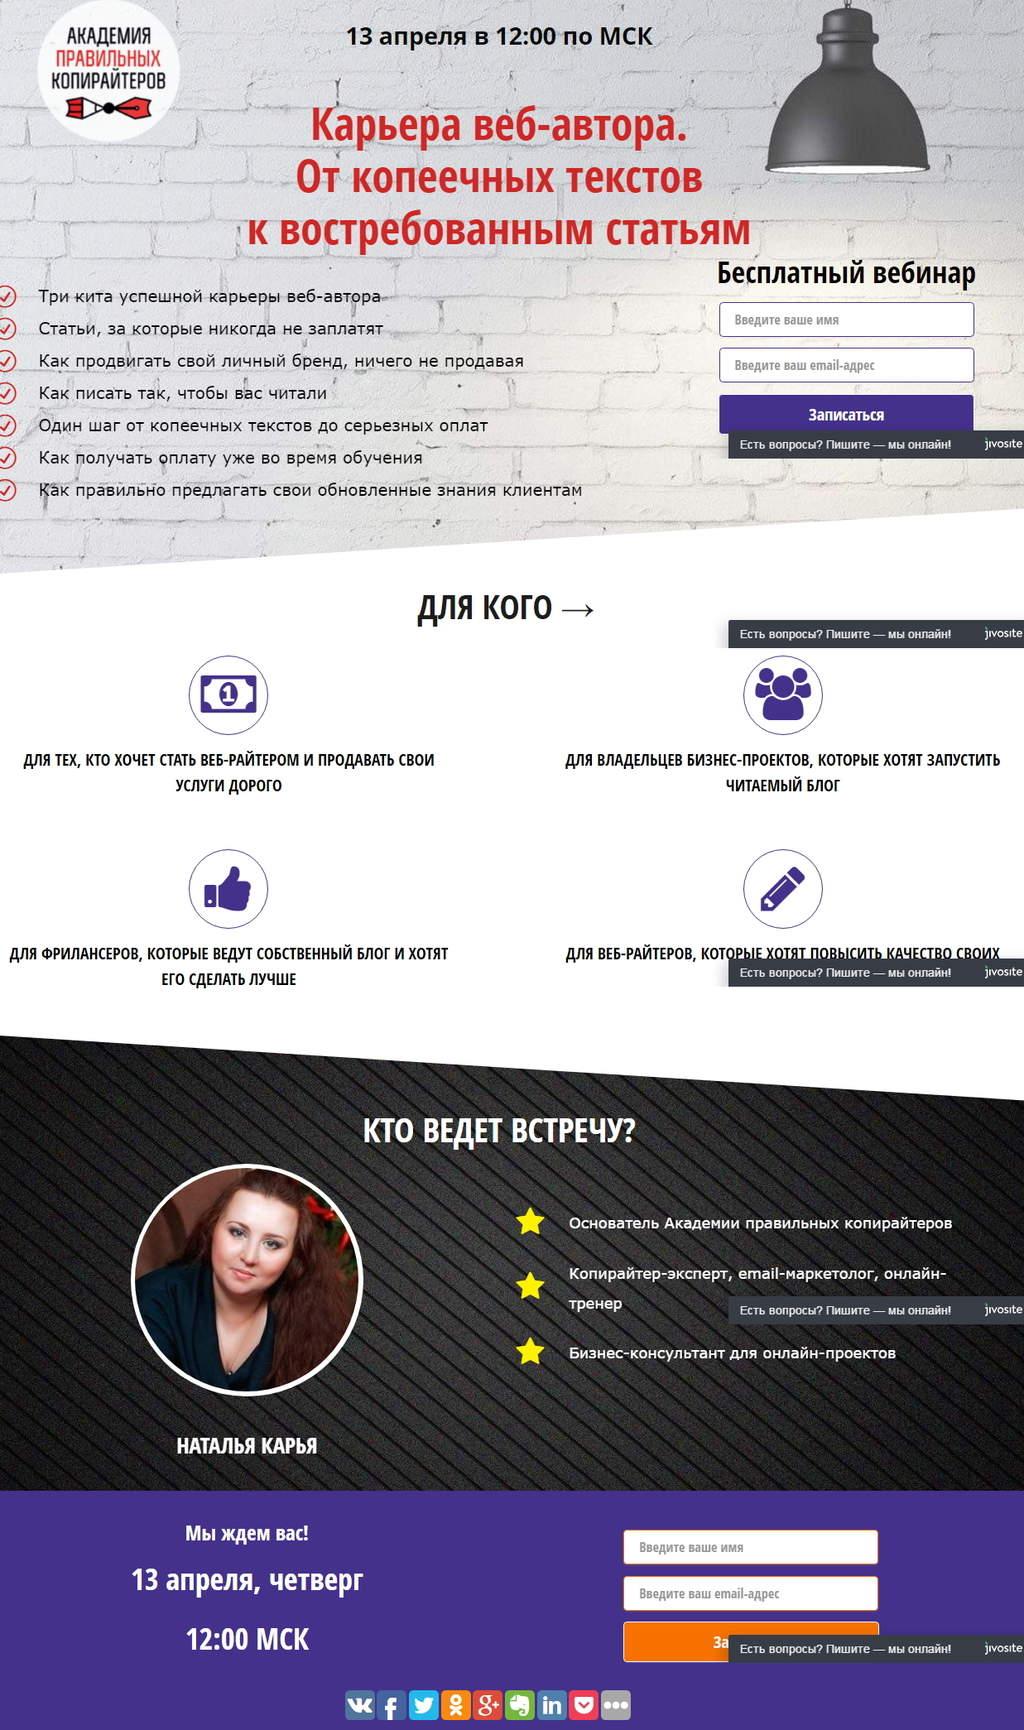 Бесплатный вебинар АПК2